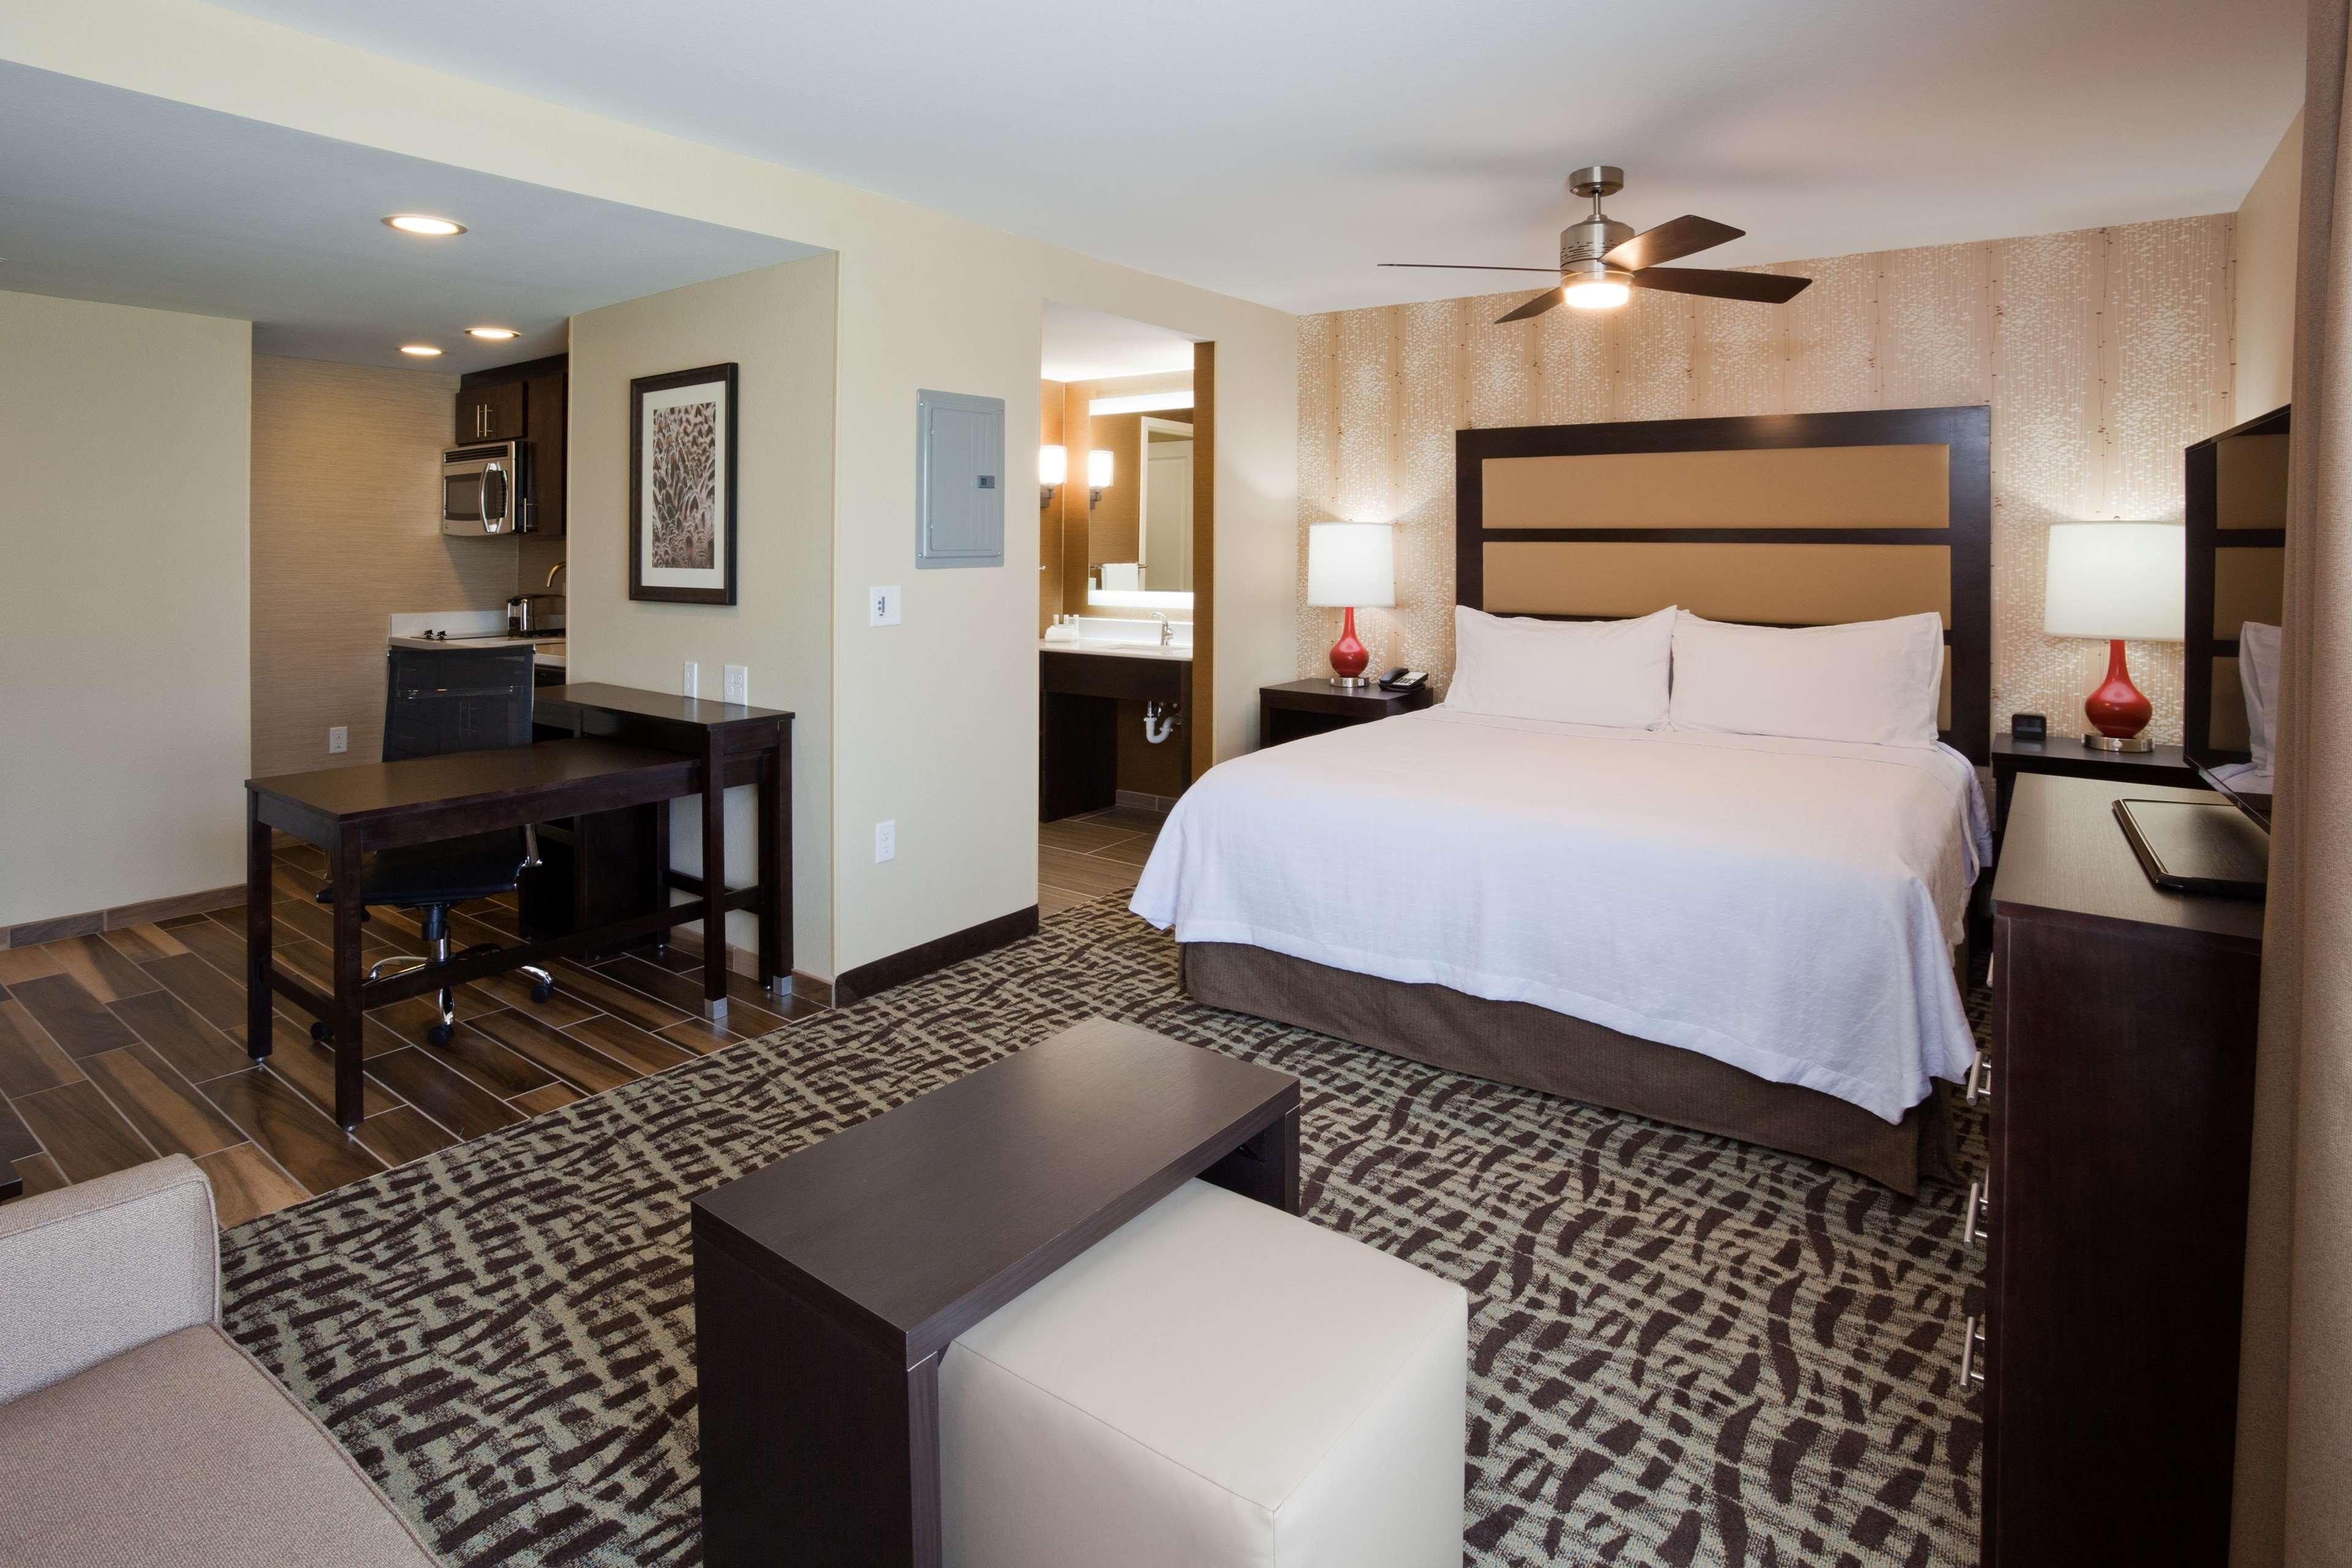 Homewood Suites by Hilton Davenport image 18